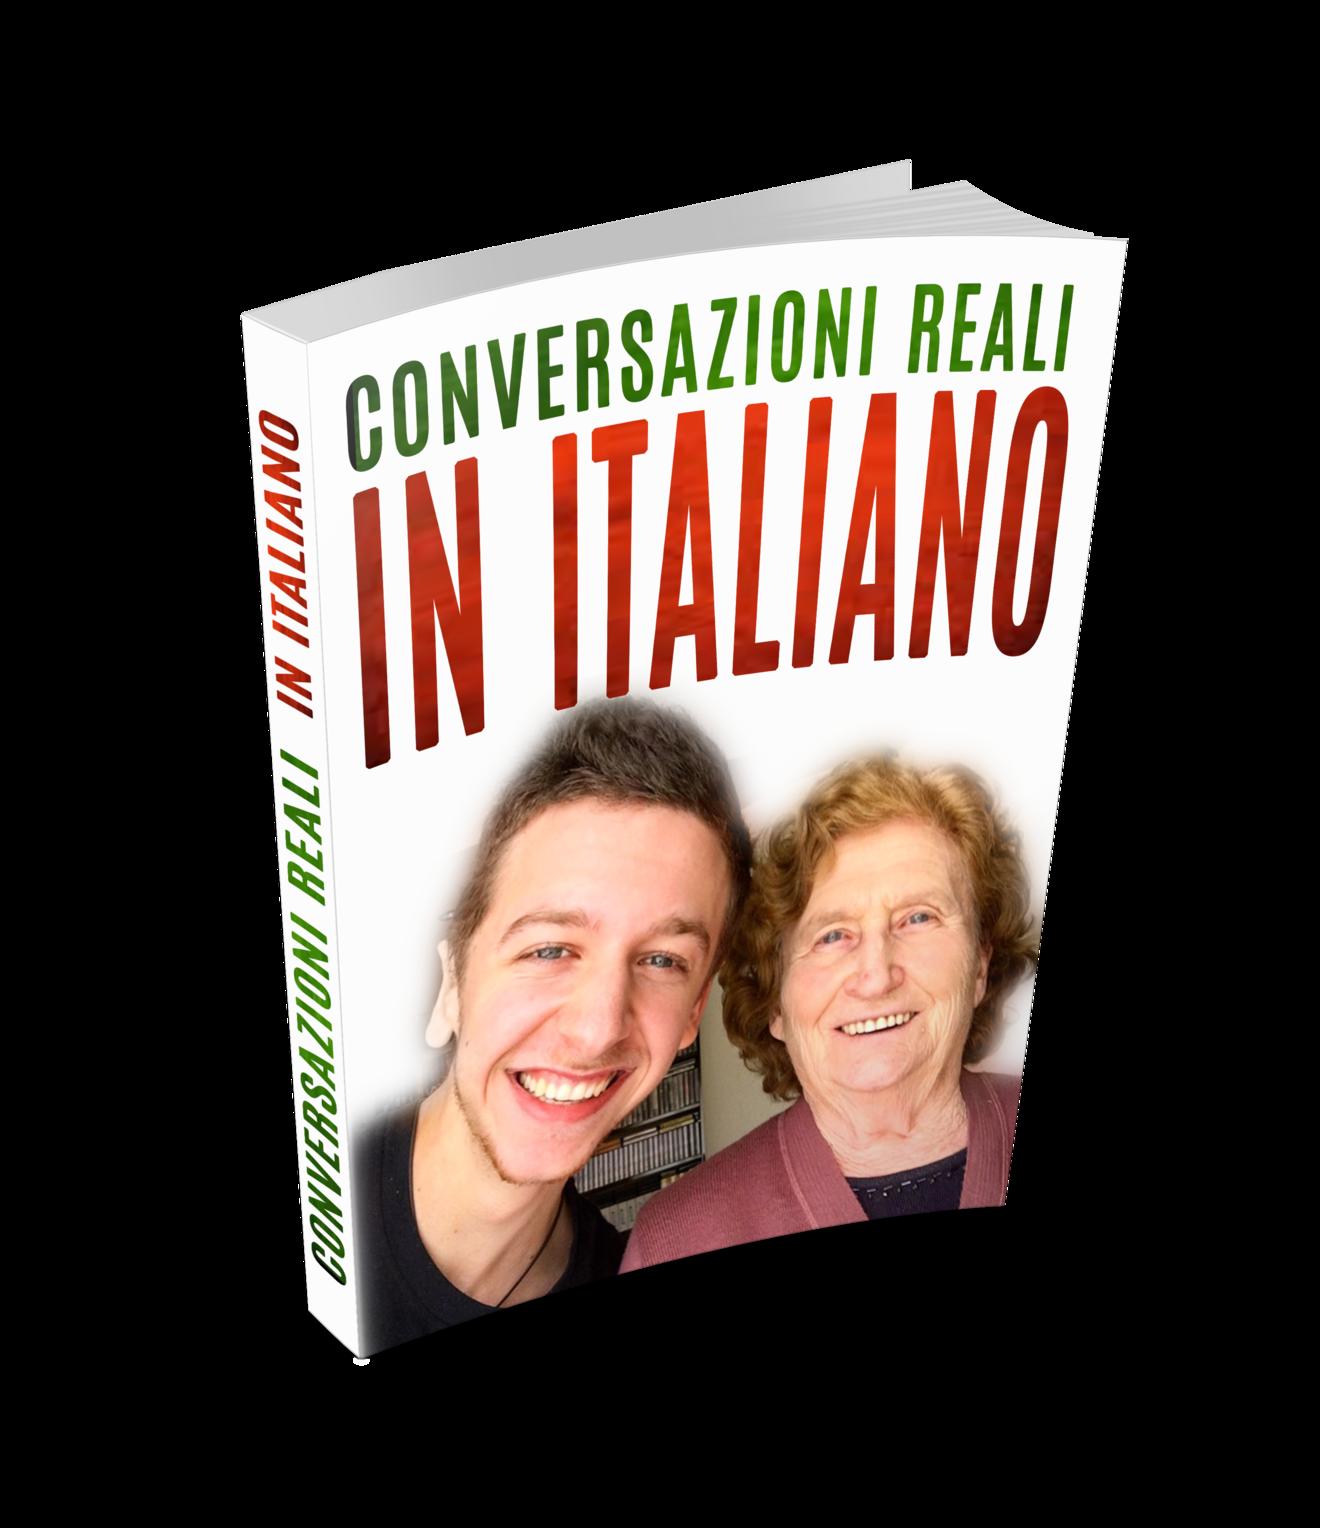 Conversazioni reali in italiano - Conversazioni Reali della vita quotidiana con frasi e parole utilizzate ogni giorno per poter finalmente capire noi italiani!